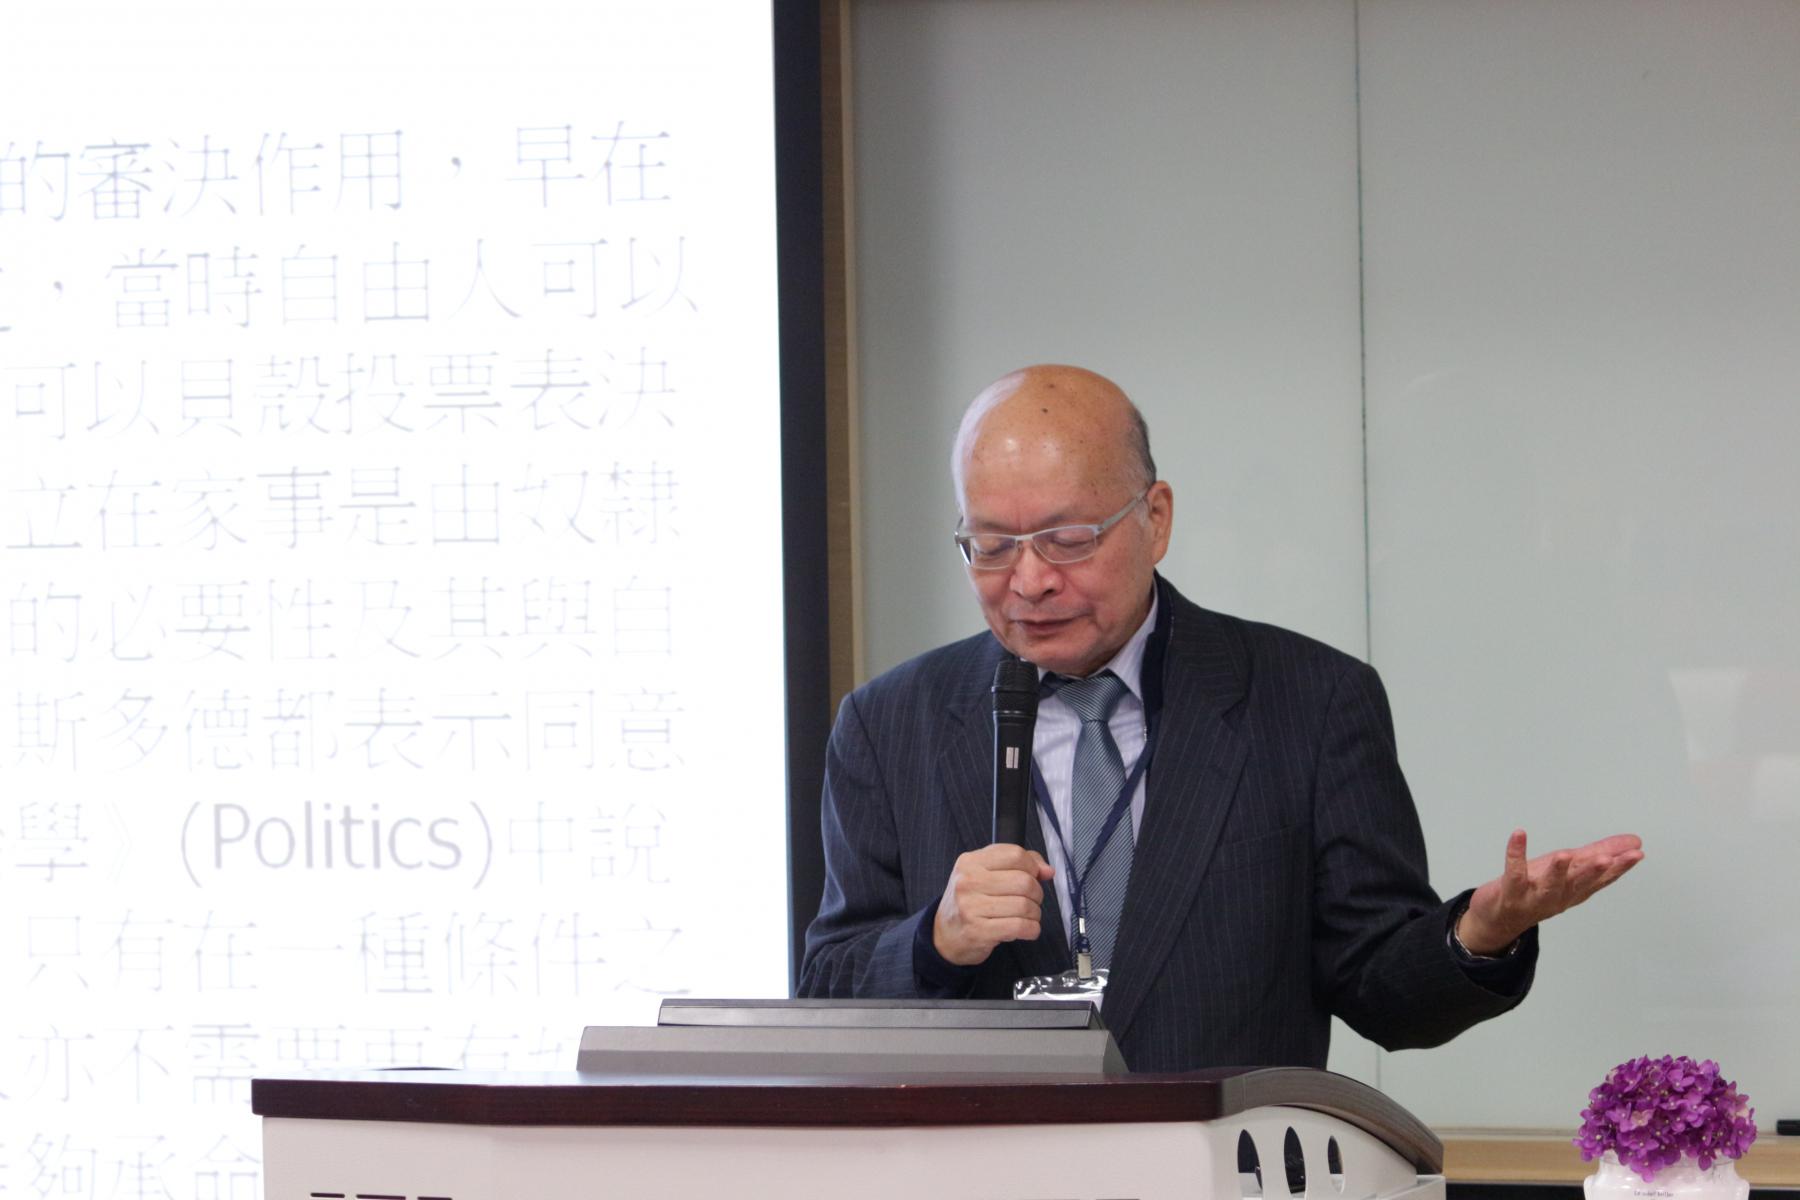 20161217宗教與公共論域研討會照片-12